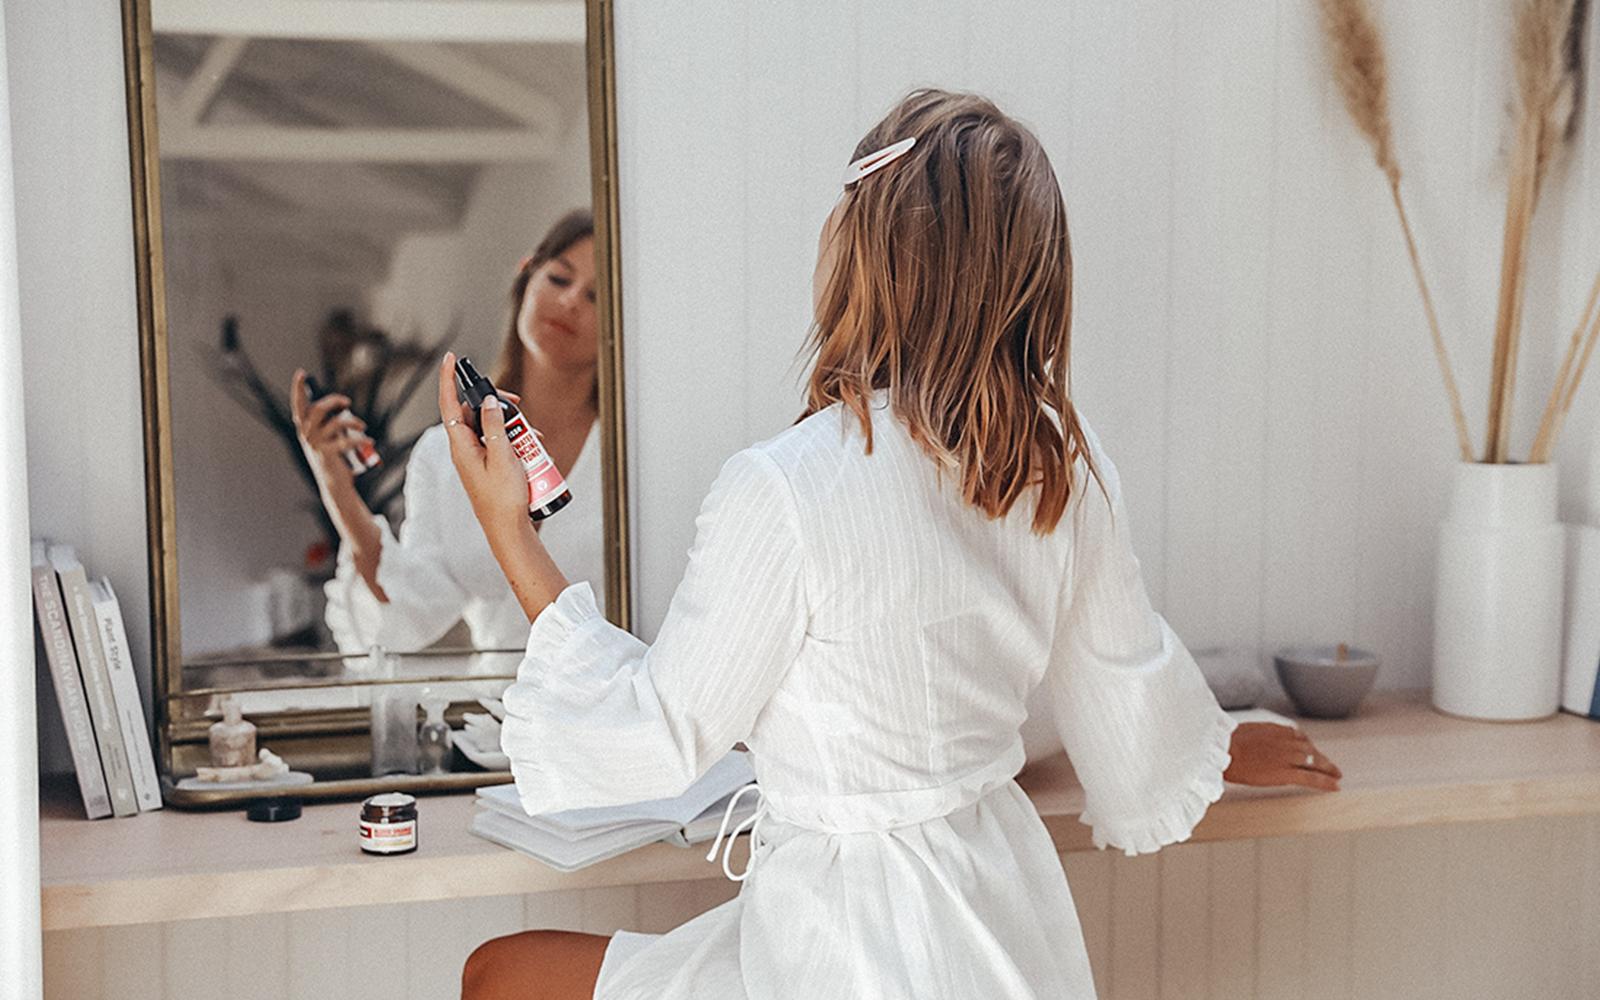 完美日记计划 IPO;Dior x Air Jordan 联名款吸引 500 万人申购;德尔玛和微适美获融资|品牌日报